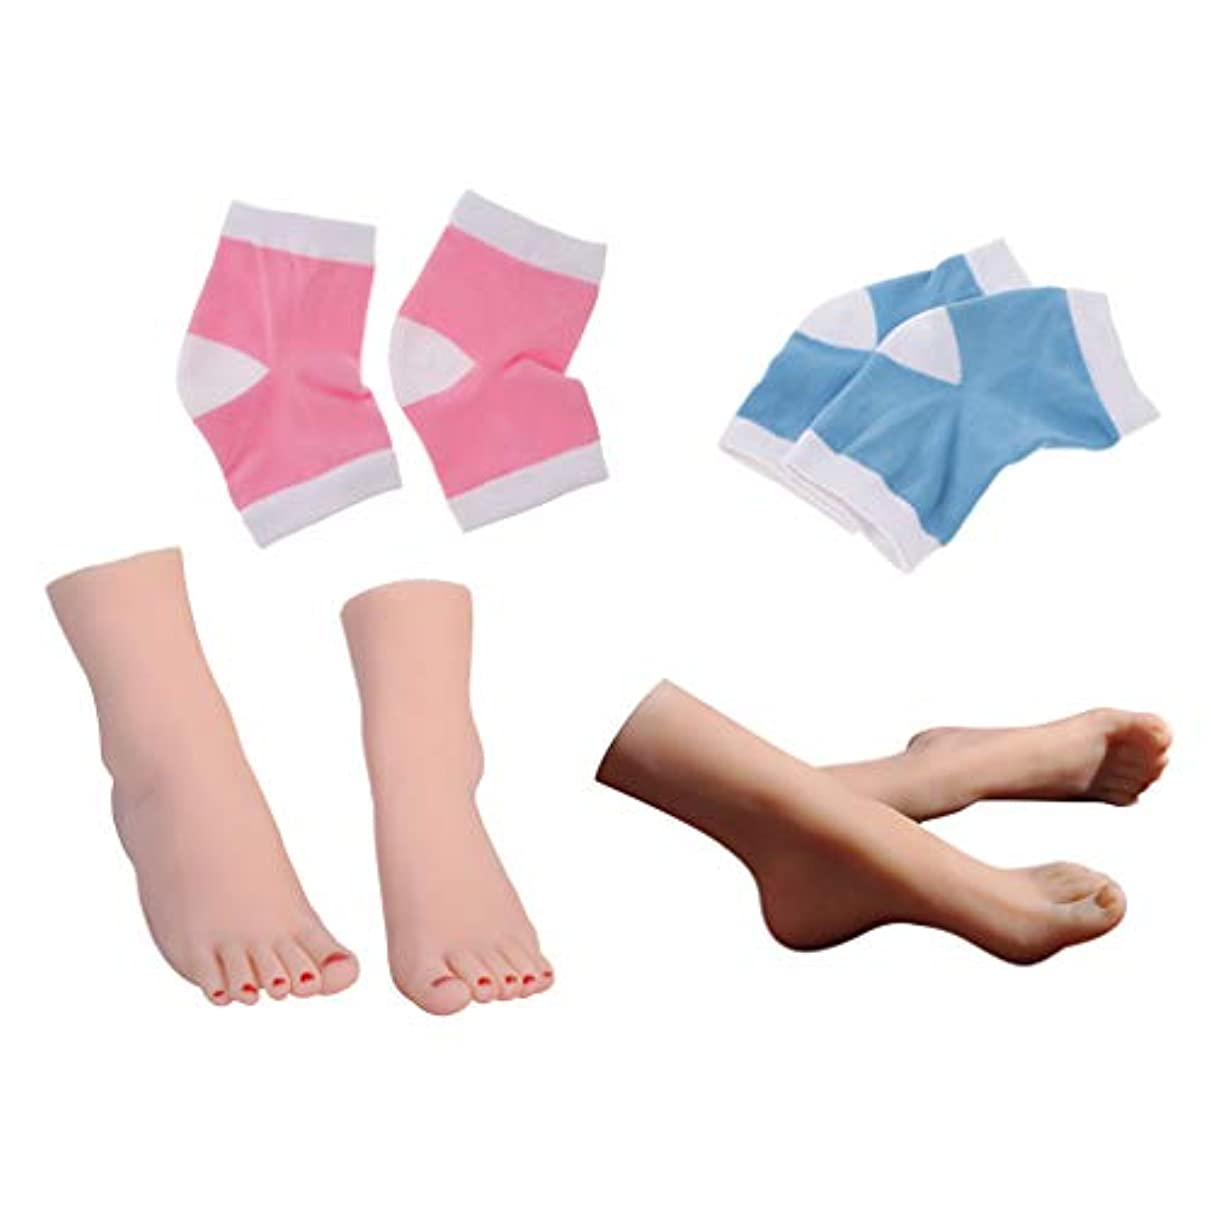 解説ヒット航海CUTICATE 足モデル 宝石類 指輪 足首 靴下 ディスプレイモデル + 2組の 足の袖 足用スリーブ